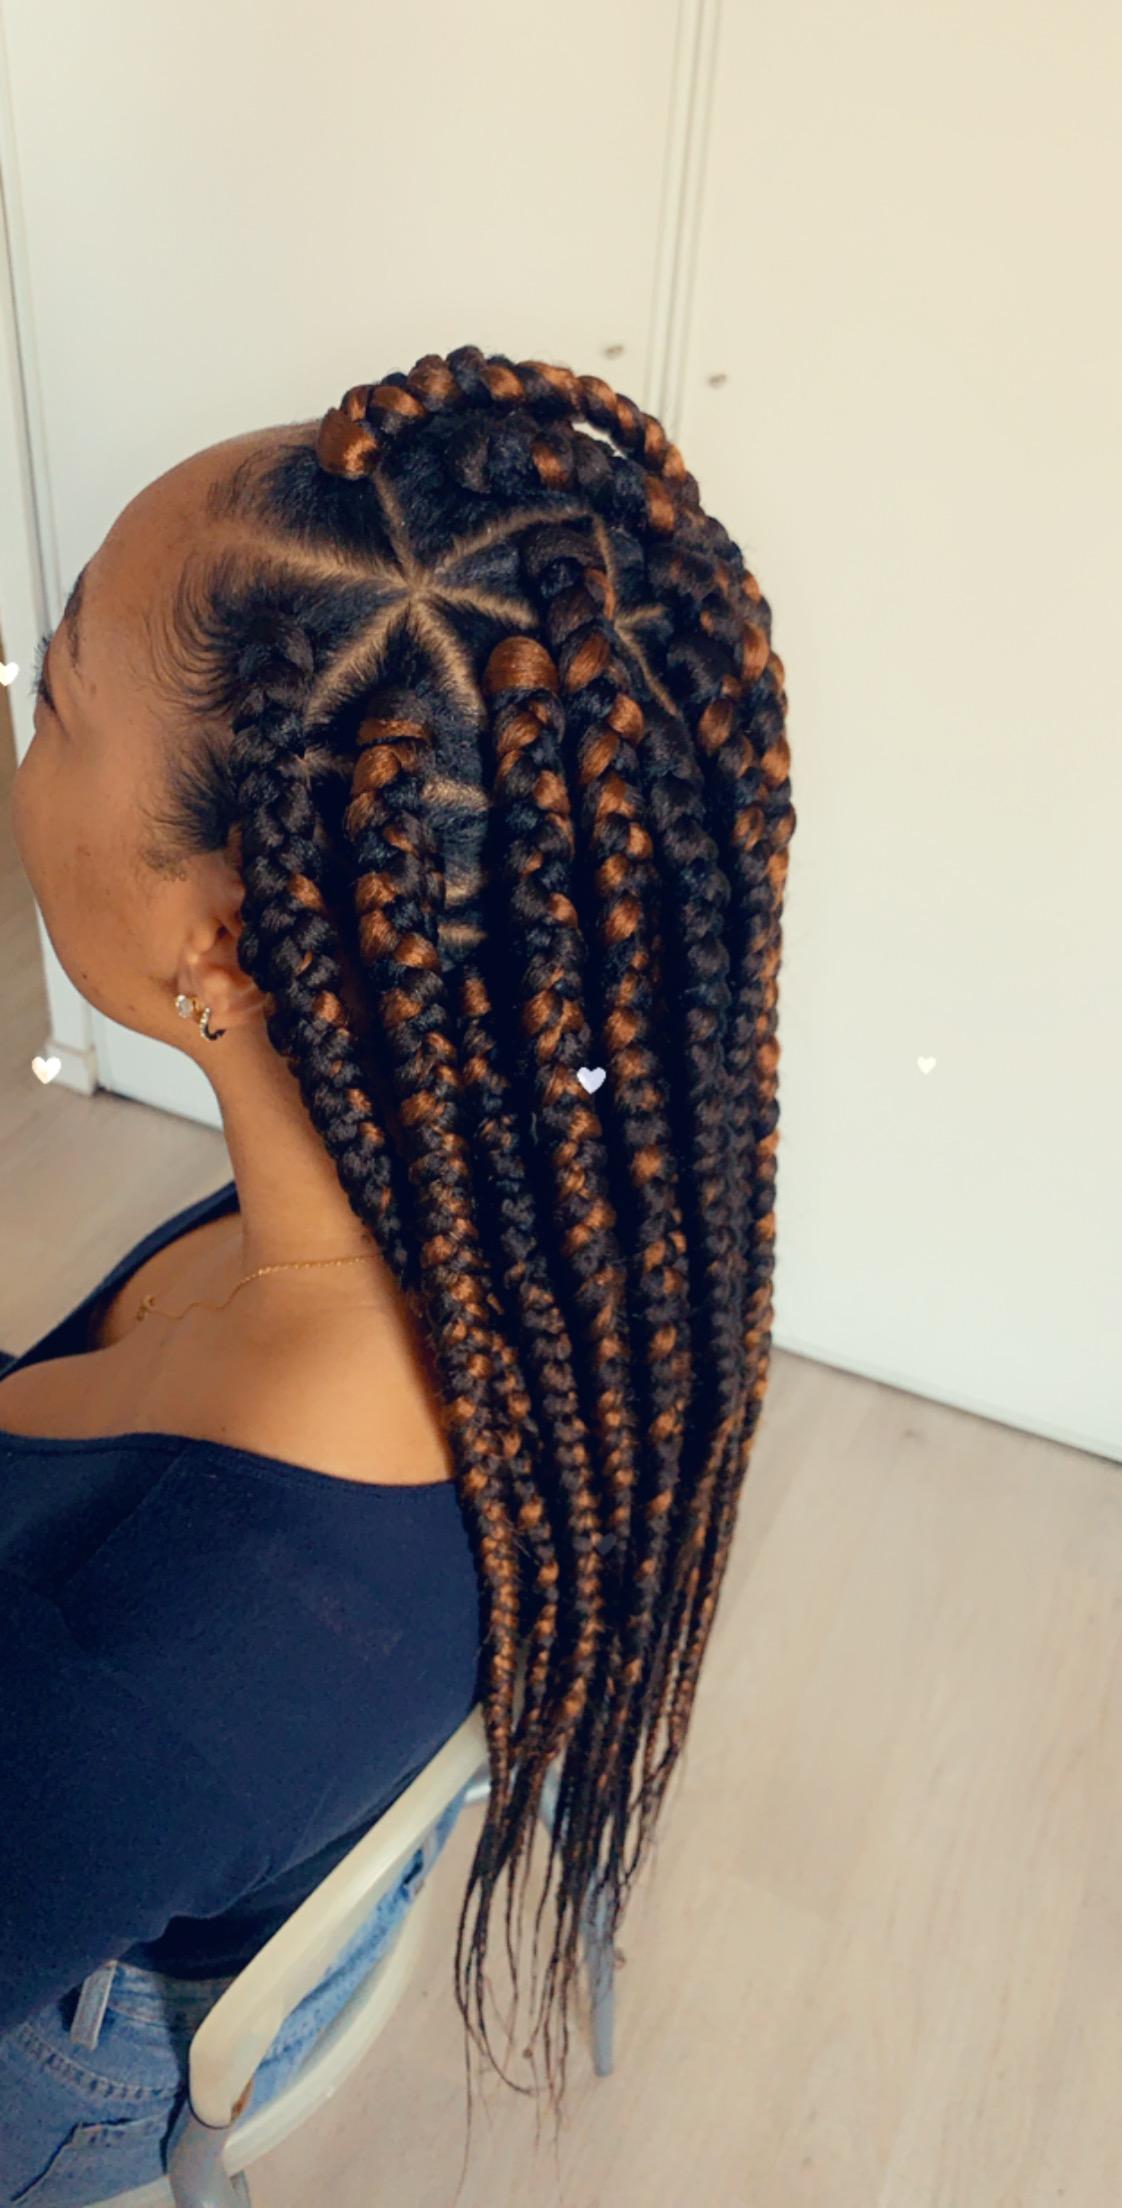 salon de coiffure afro tresse tresses box braids crochet braids vanilles tissages paris 75 77 78 91 92 93 94 95 SJQGXEIU